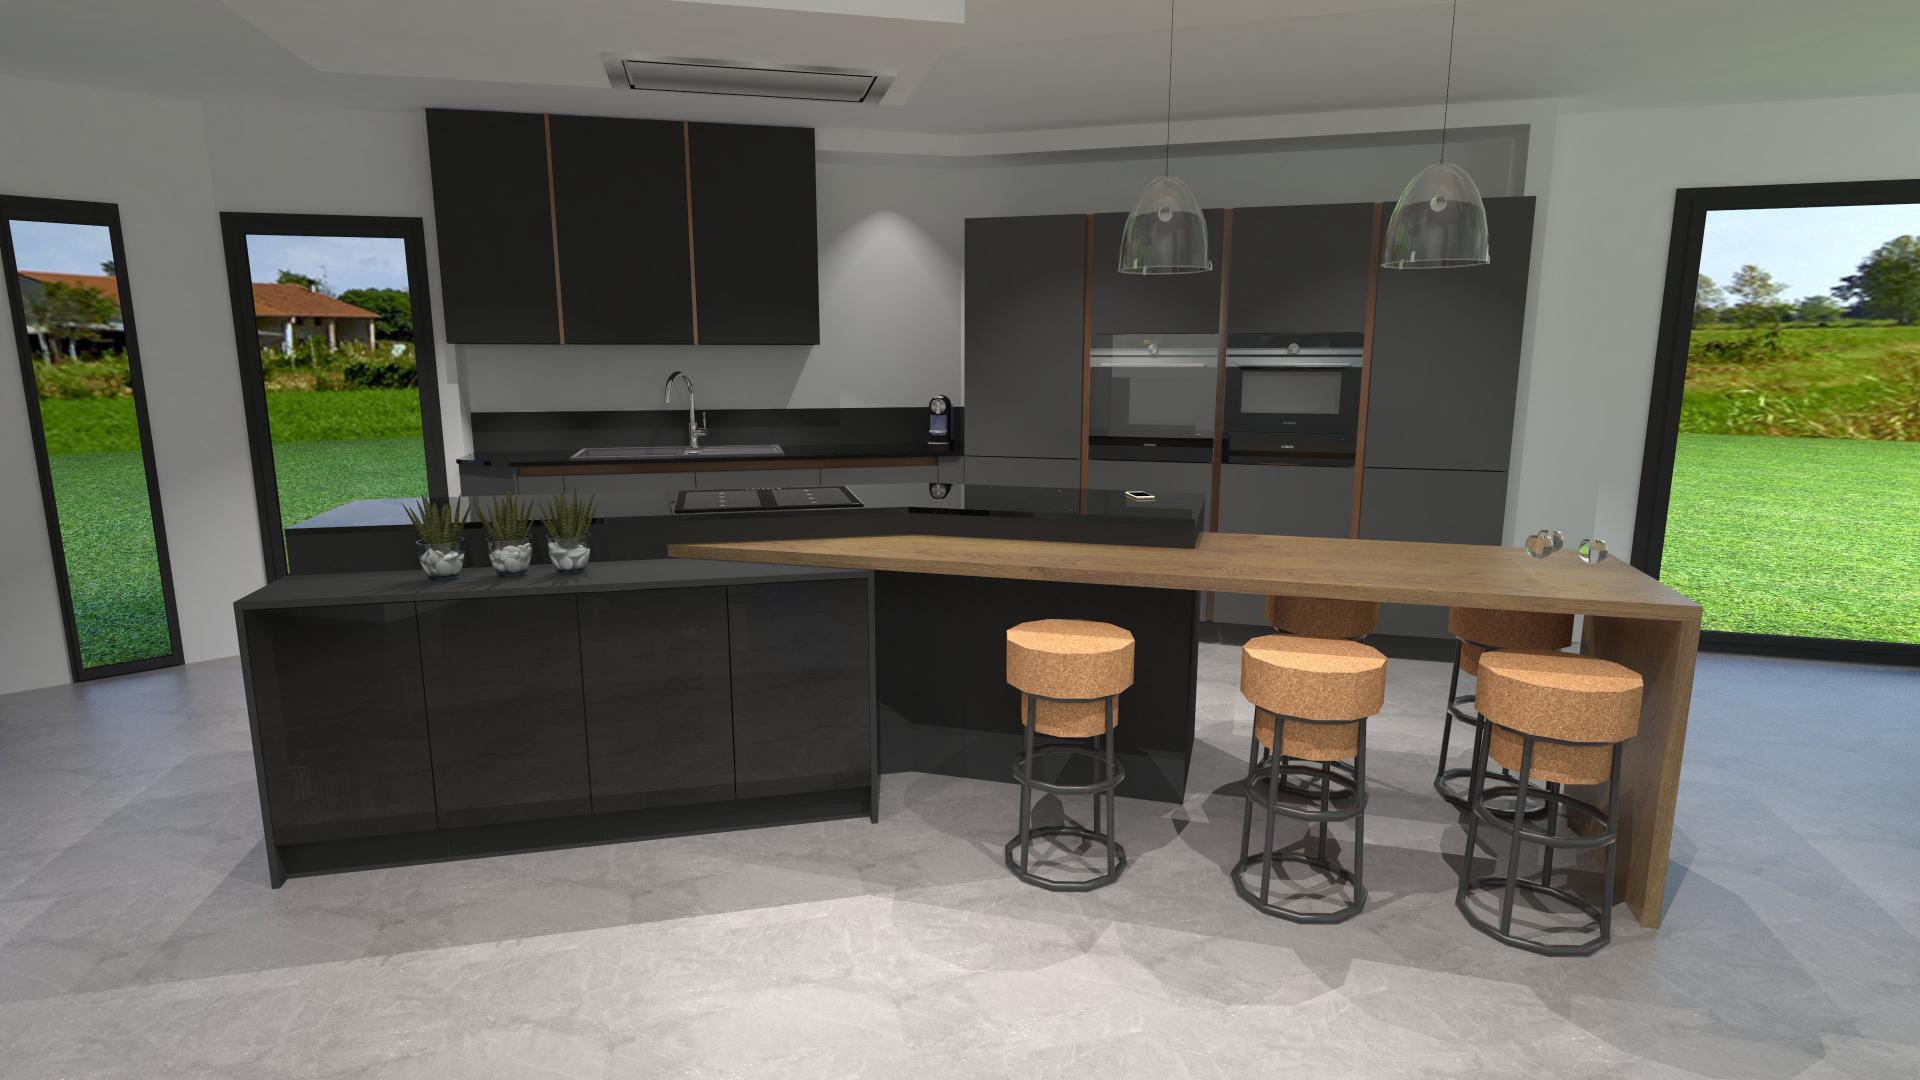 Idee deco cuisine grise idee deco cuisine blanche et for Idee deco cuisine avec cuisine blanc et gris anthracite